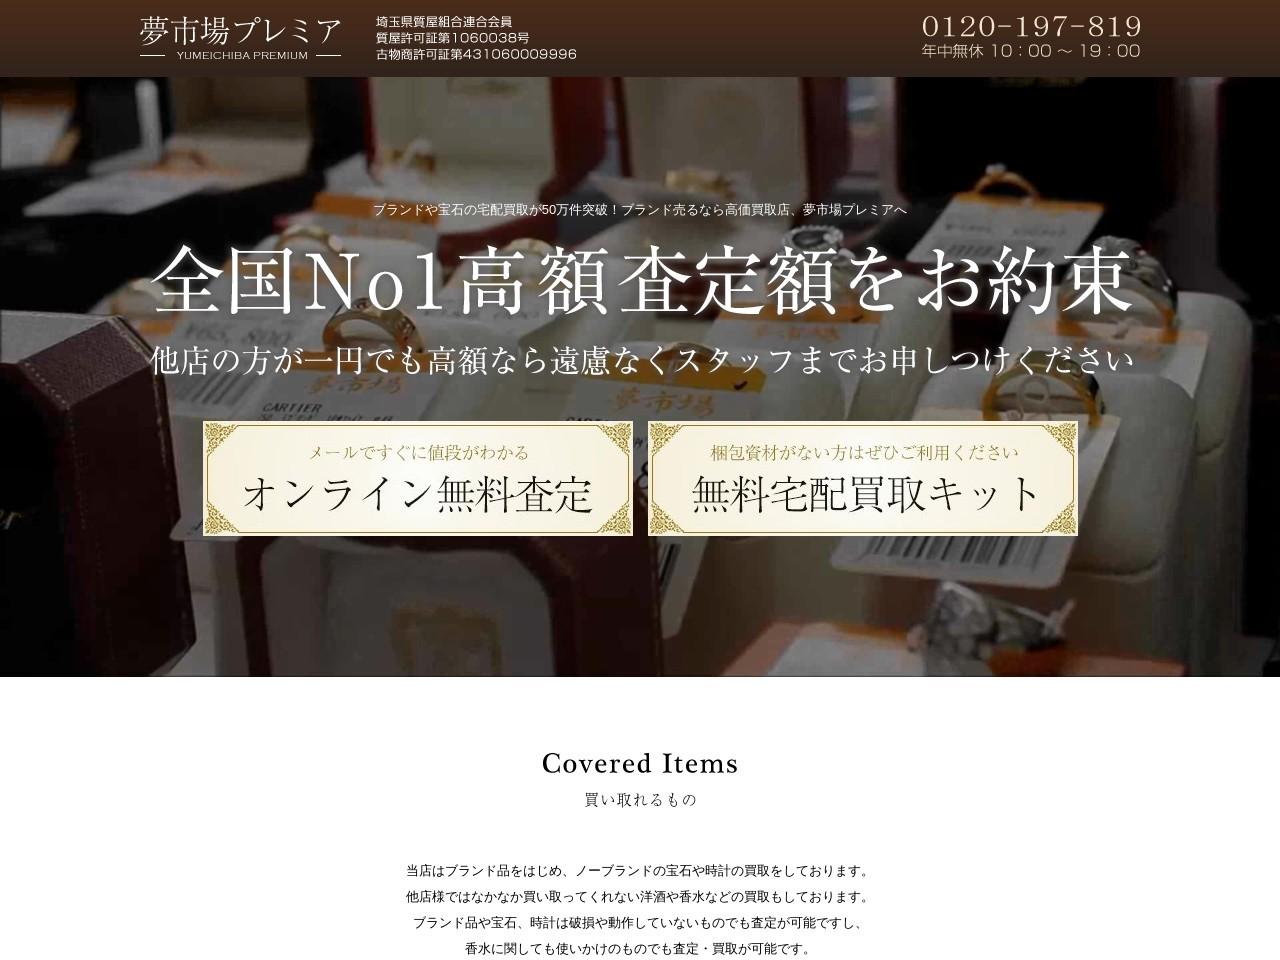 ブランド、宝石を高く売るなら埼玉、千葉にある夢市場プレミア高価買取